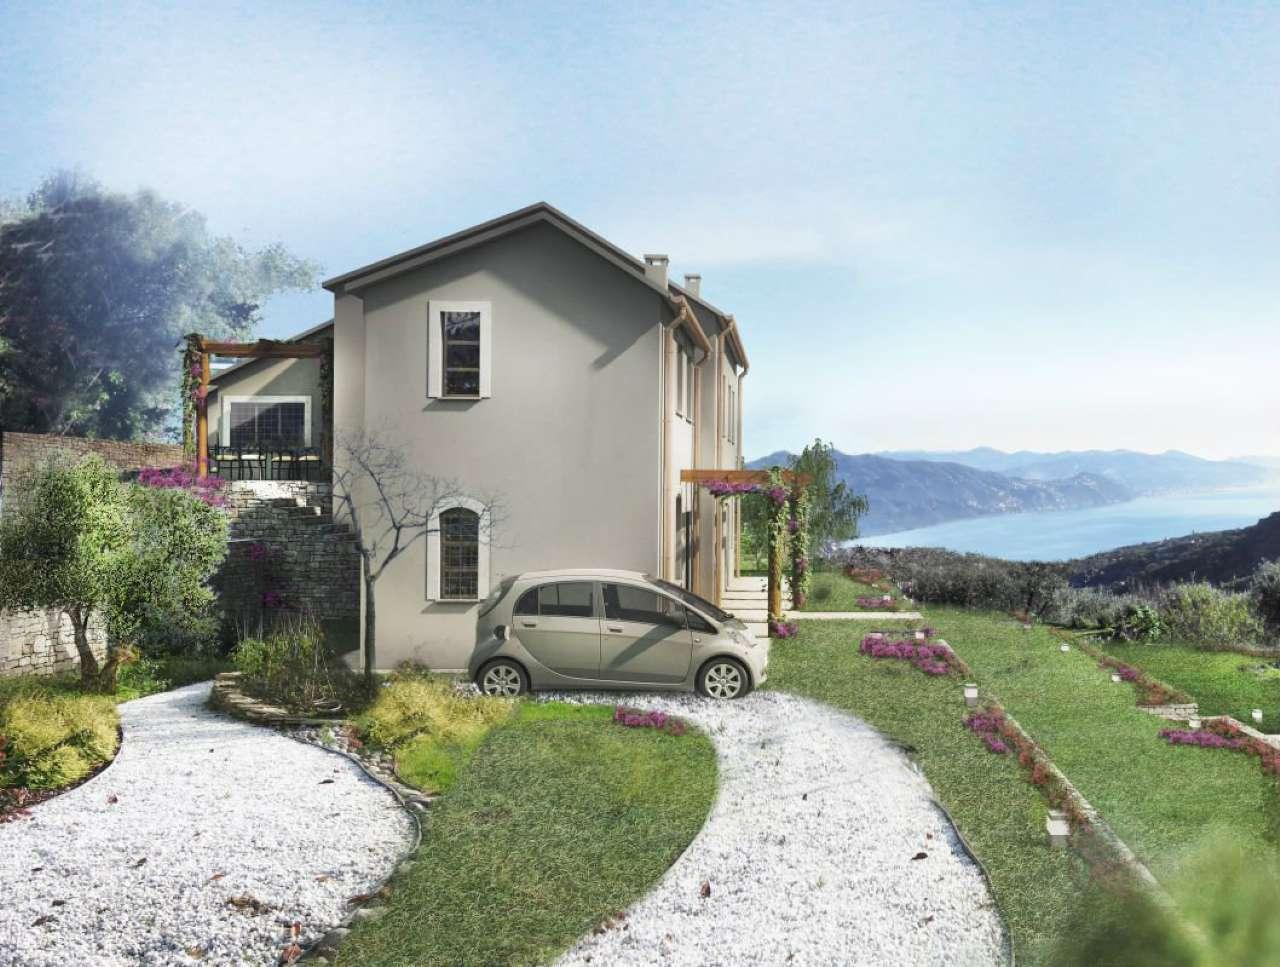 Soluzione Indipendente in vendita a Santa Margherita Ligure, 5 locali, prezzo € 750.000 | CambioCasa.it